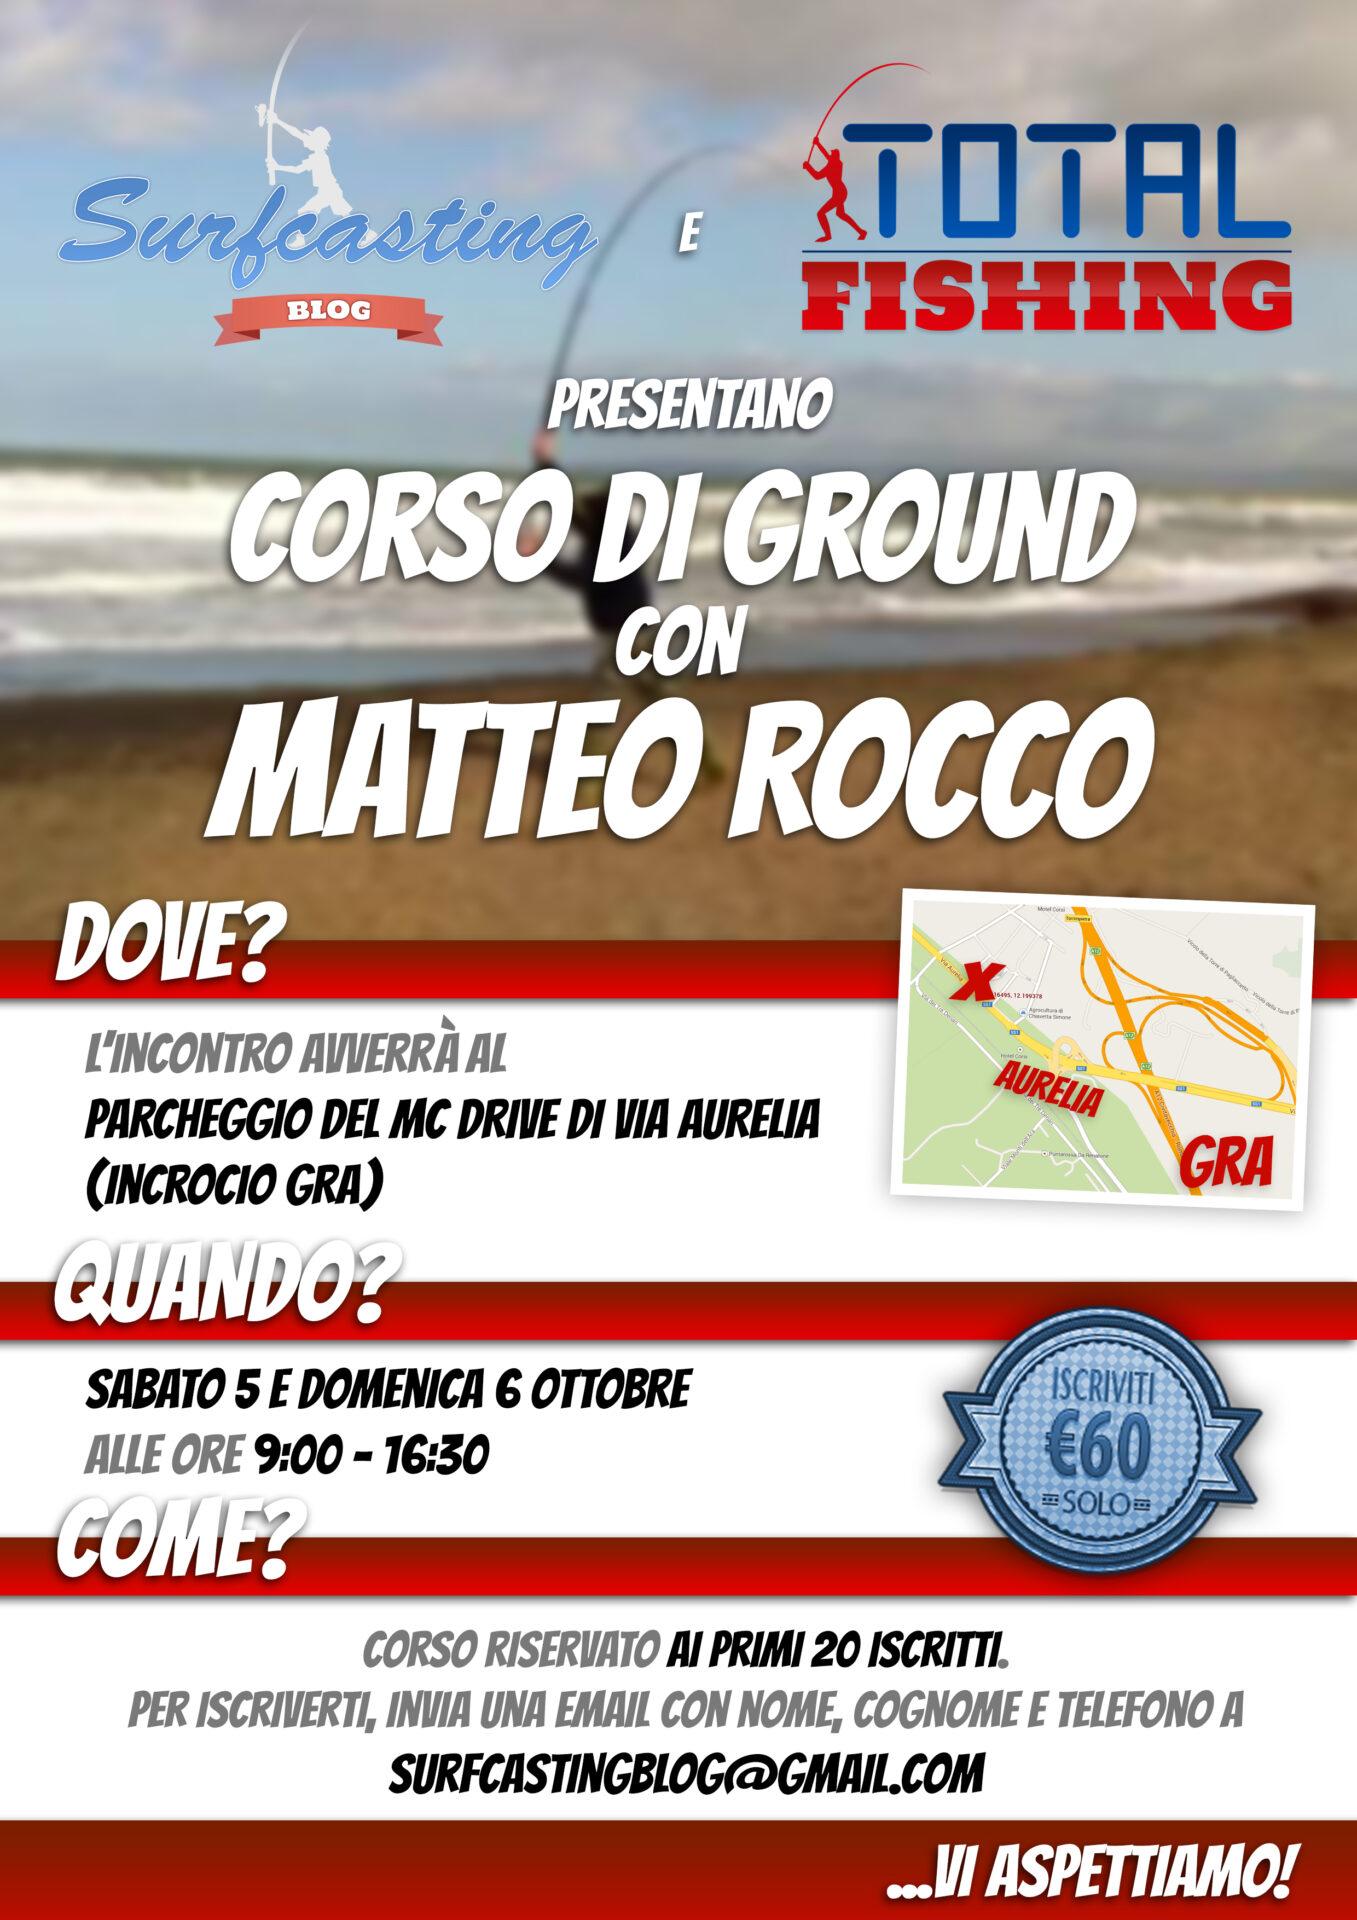 Corso di ground con Matteo Rocco